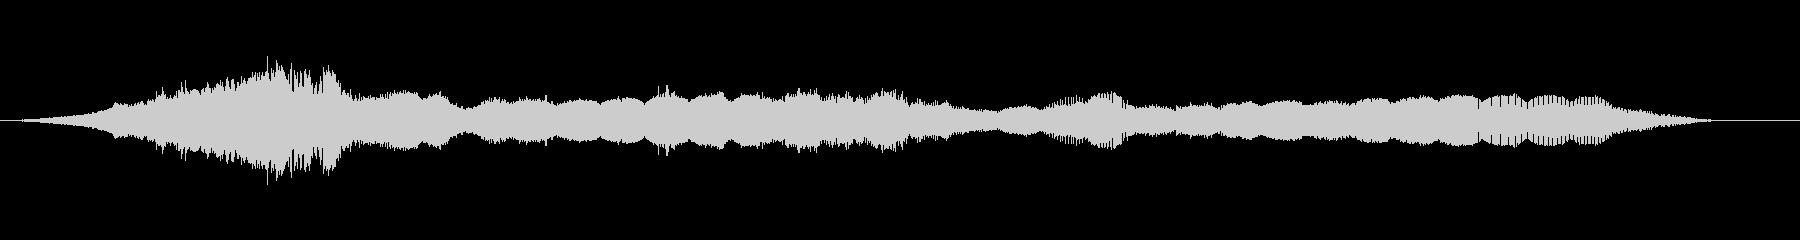 スペースレースの解消の昇順1の未再生の波形